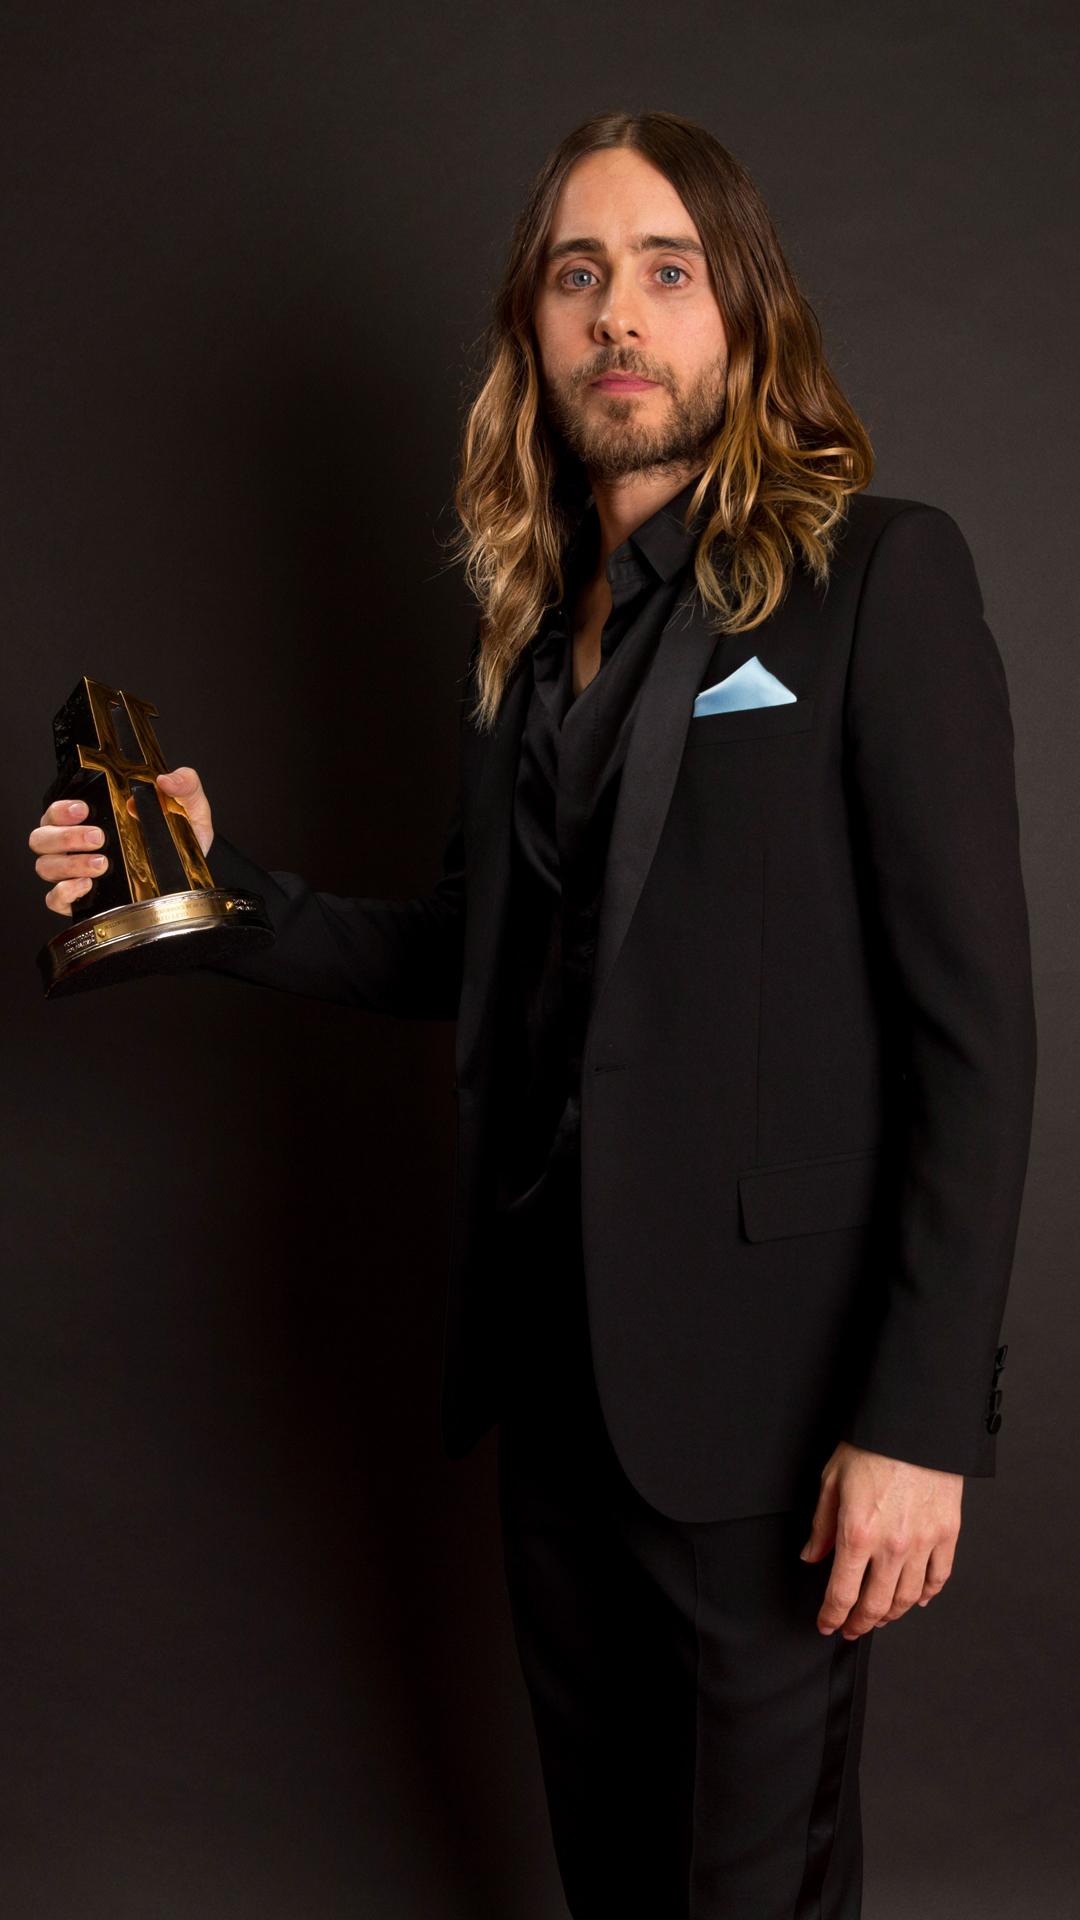 Jared Leto suit